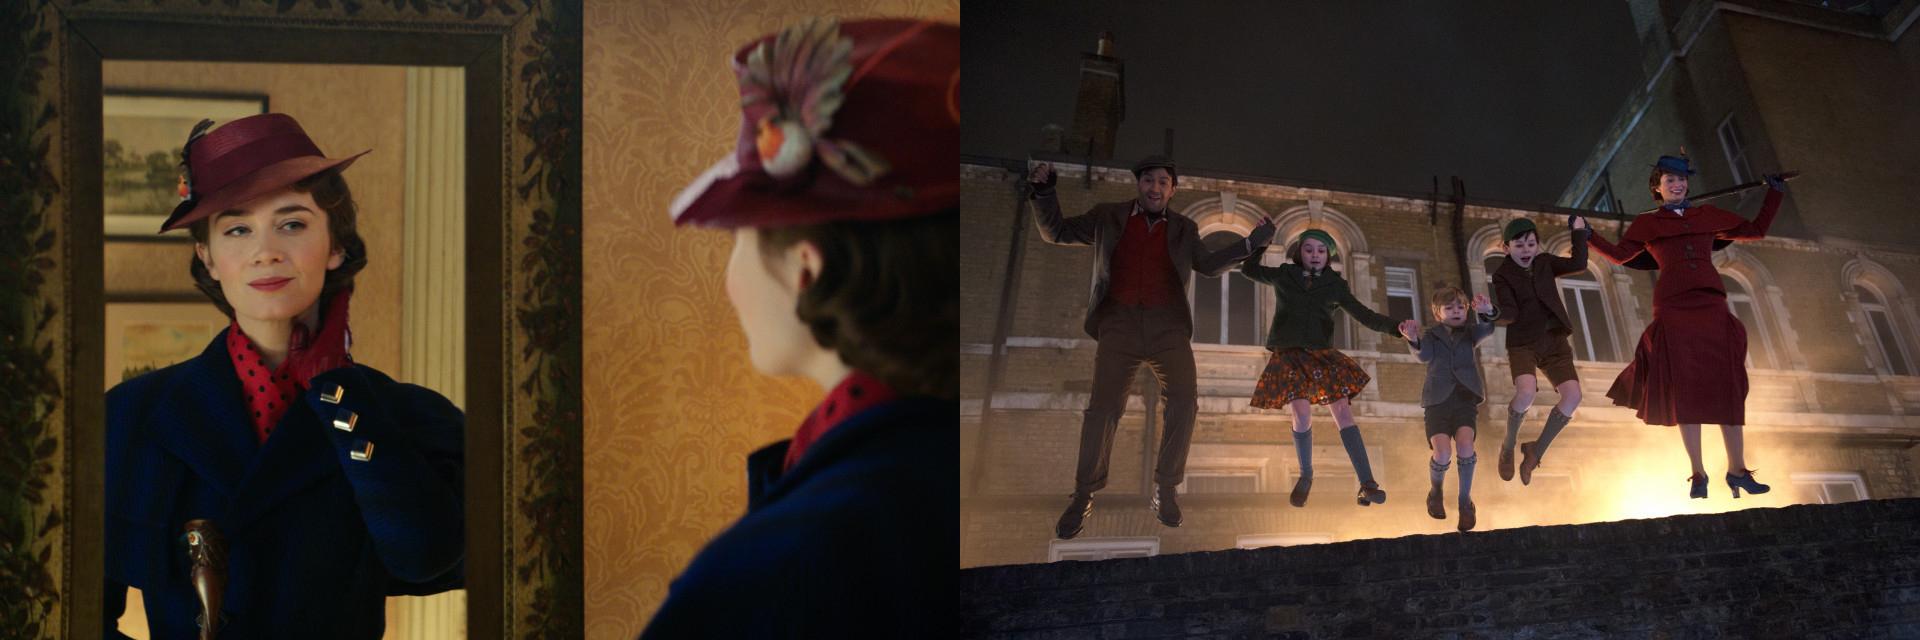 迪士尼年度魔幻鉅獻,重金打造歡樂歌舞片《愛‧滿人間》 農曆年前熱鬧上映!